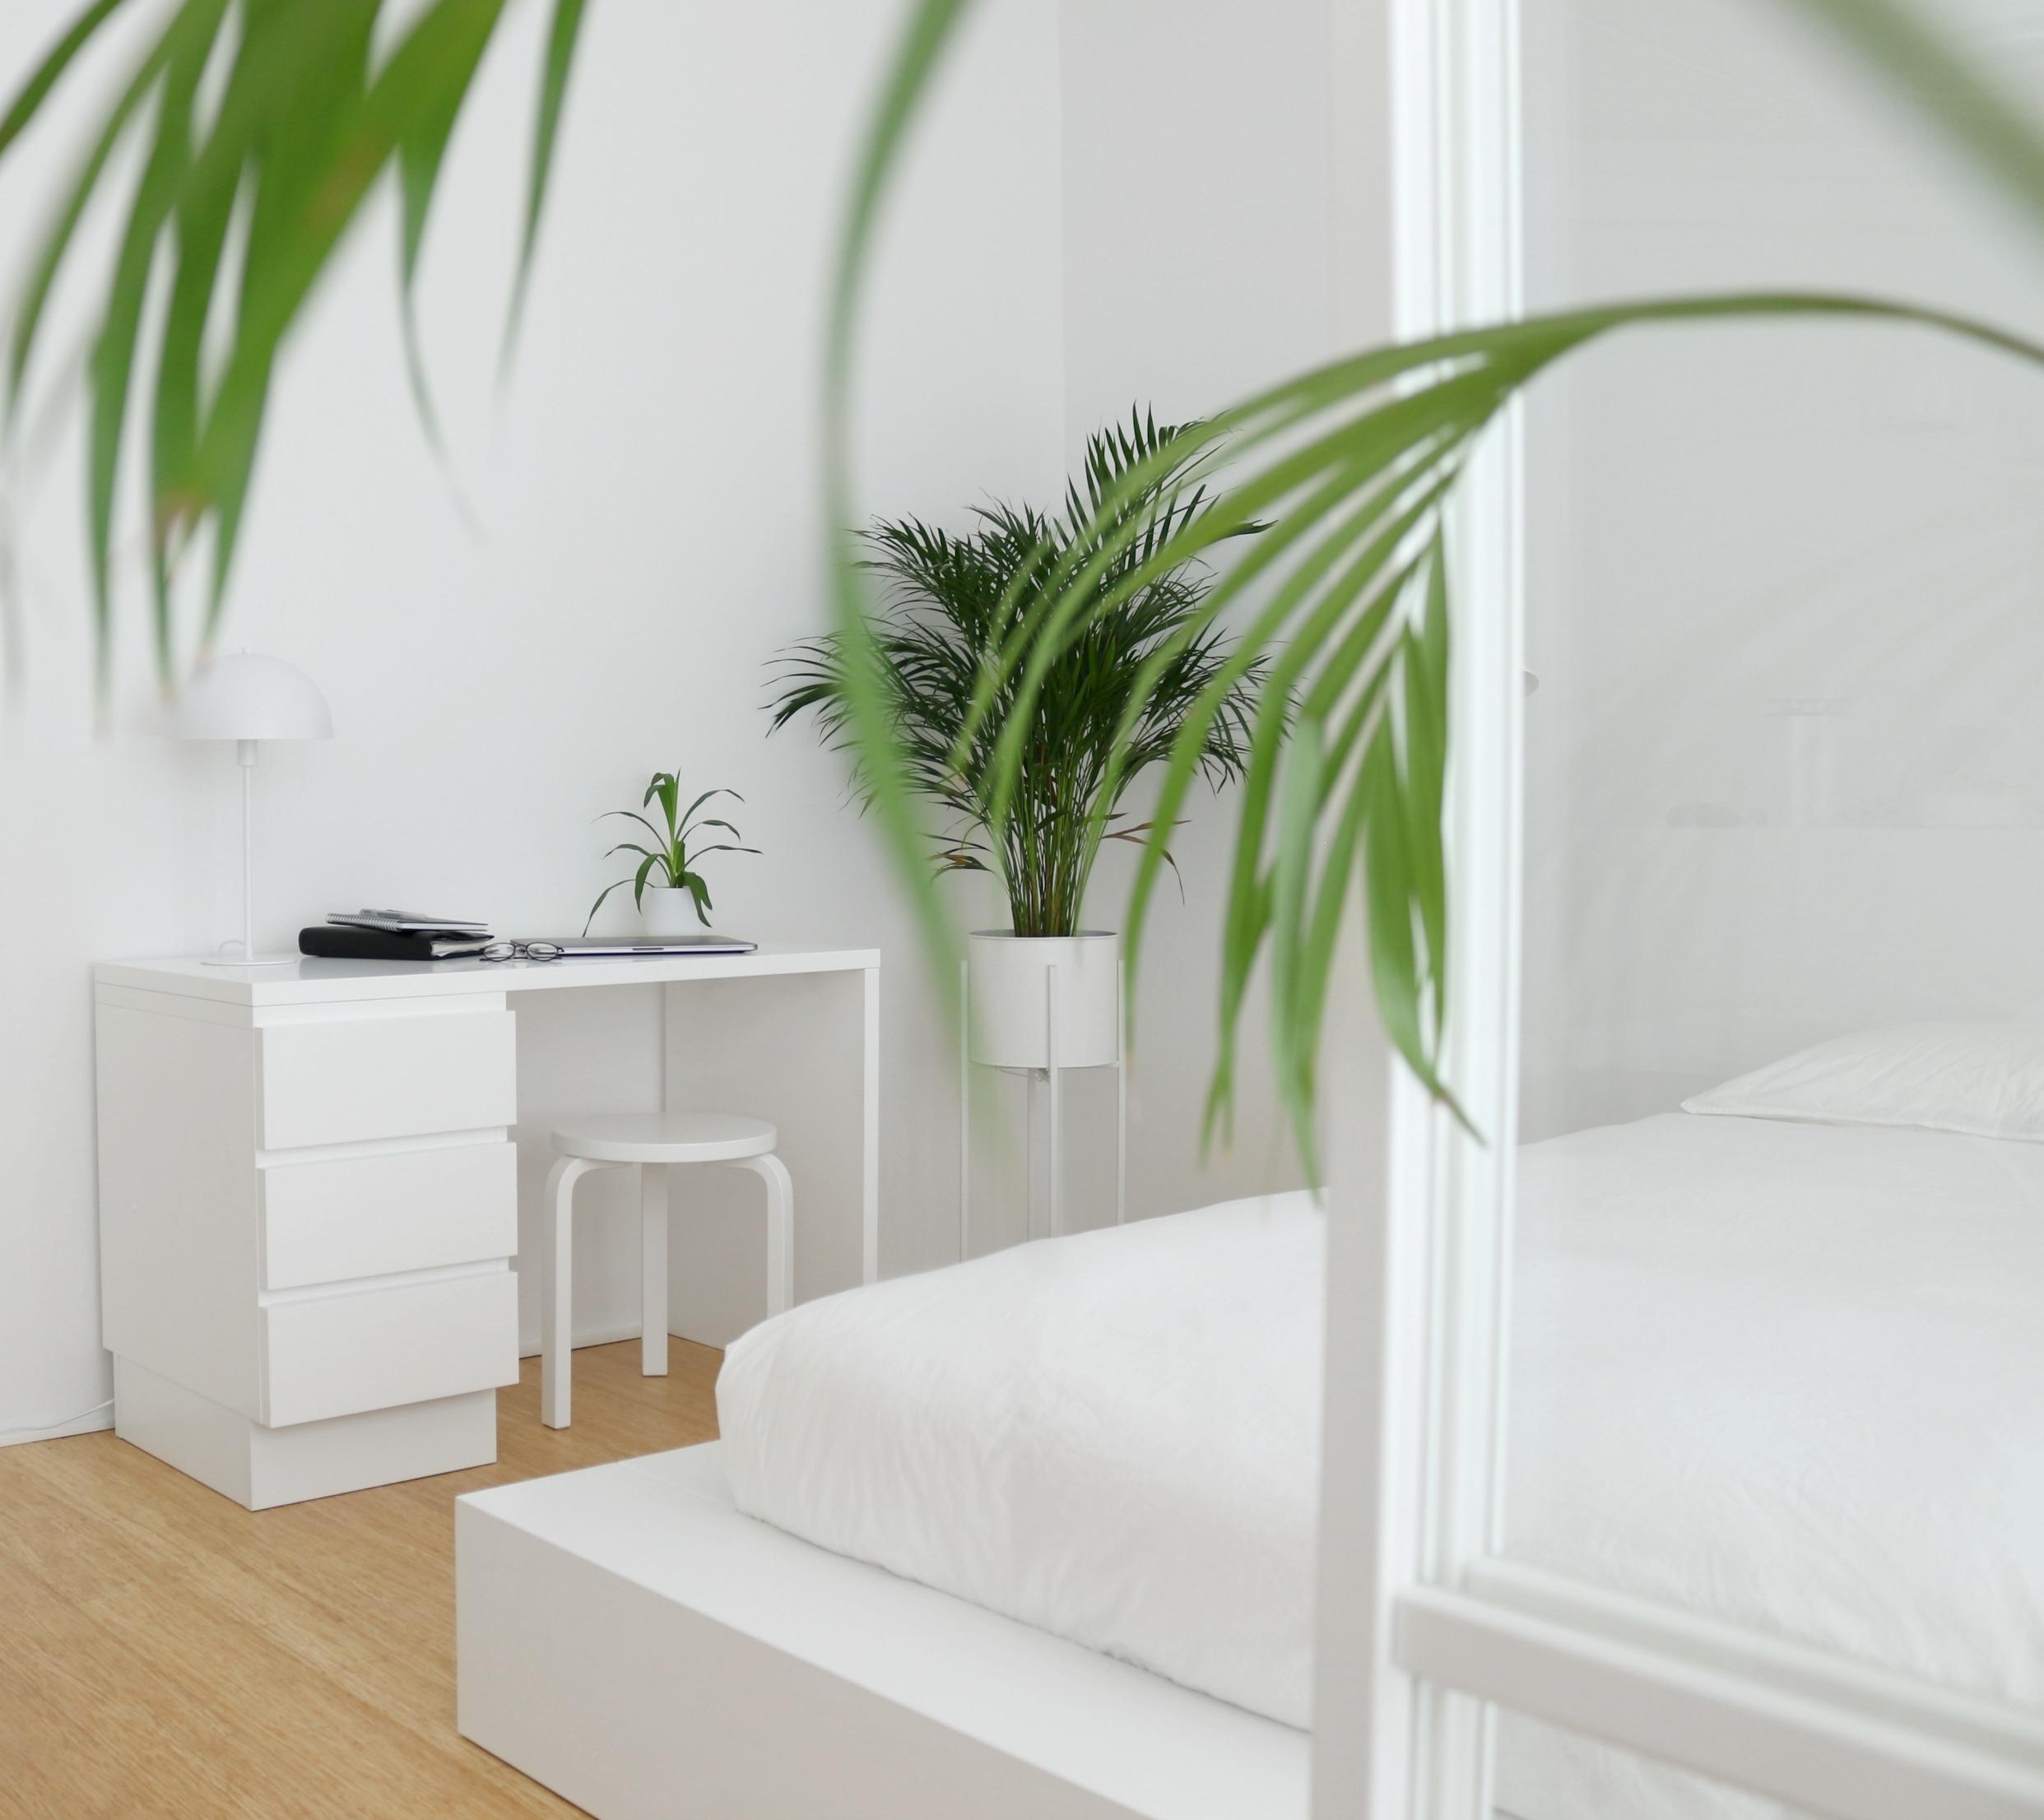 Työtila makuuhuoneessa - Sisustusideat Omakotivalkoinen sisustusblogi